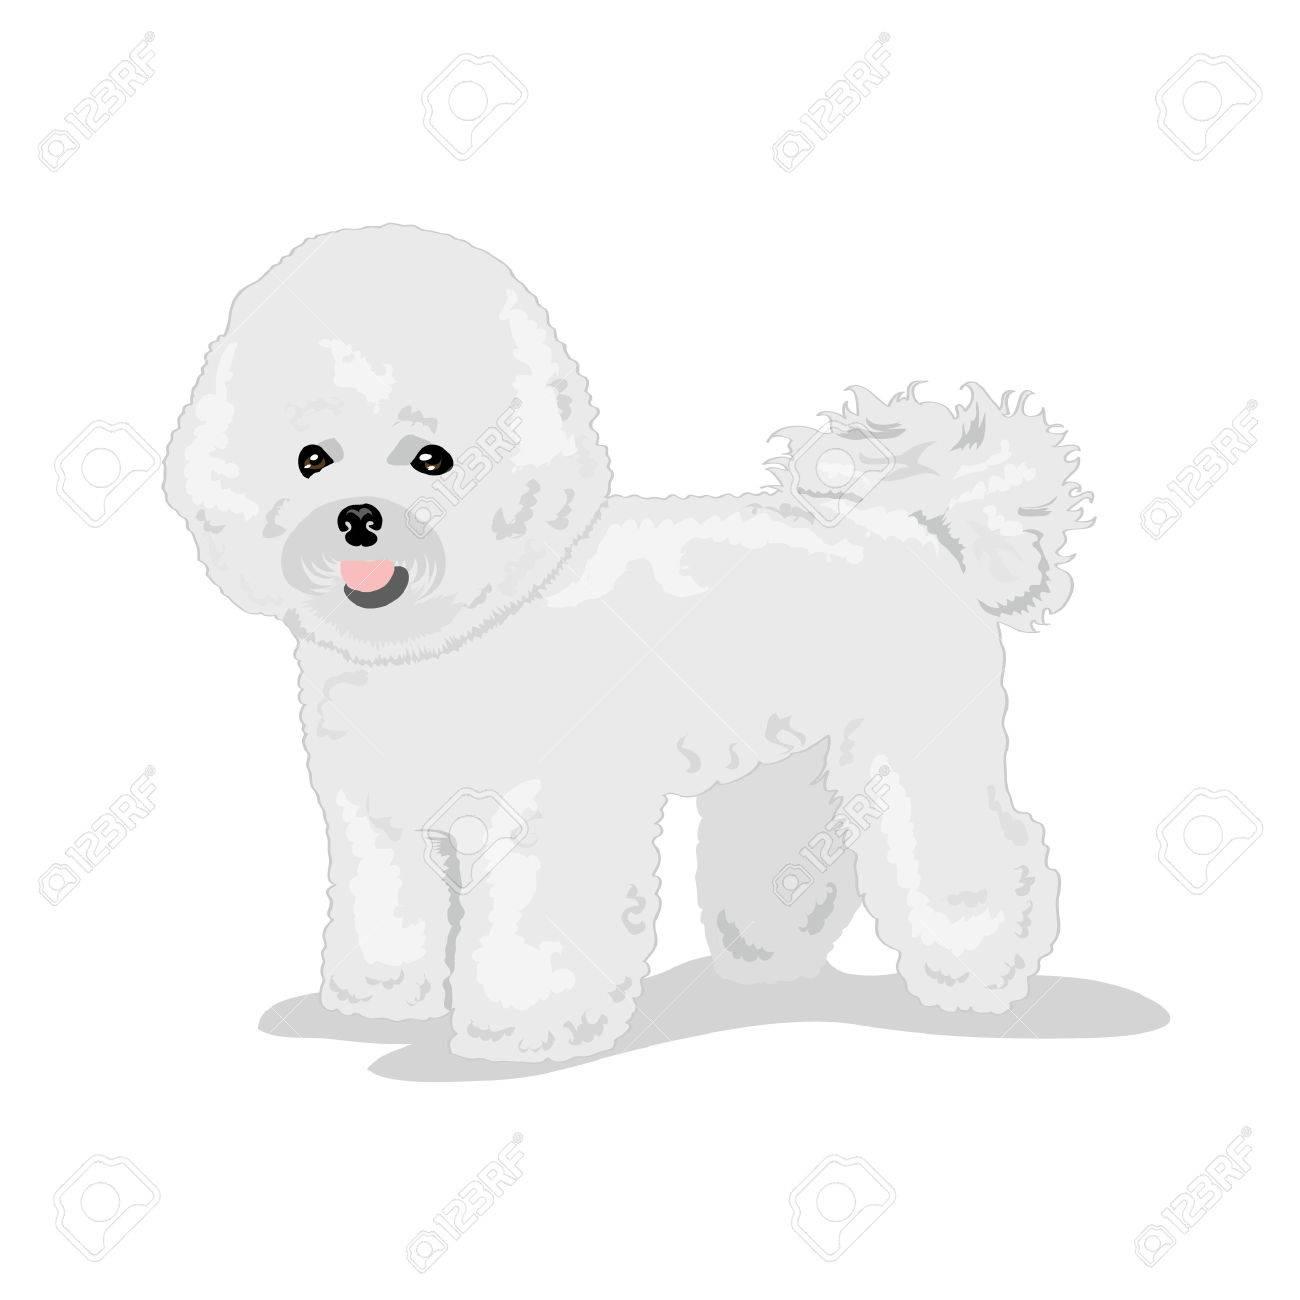 Bichon Frise fluffy dog - 68868813